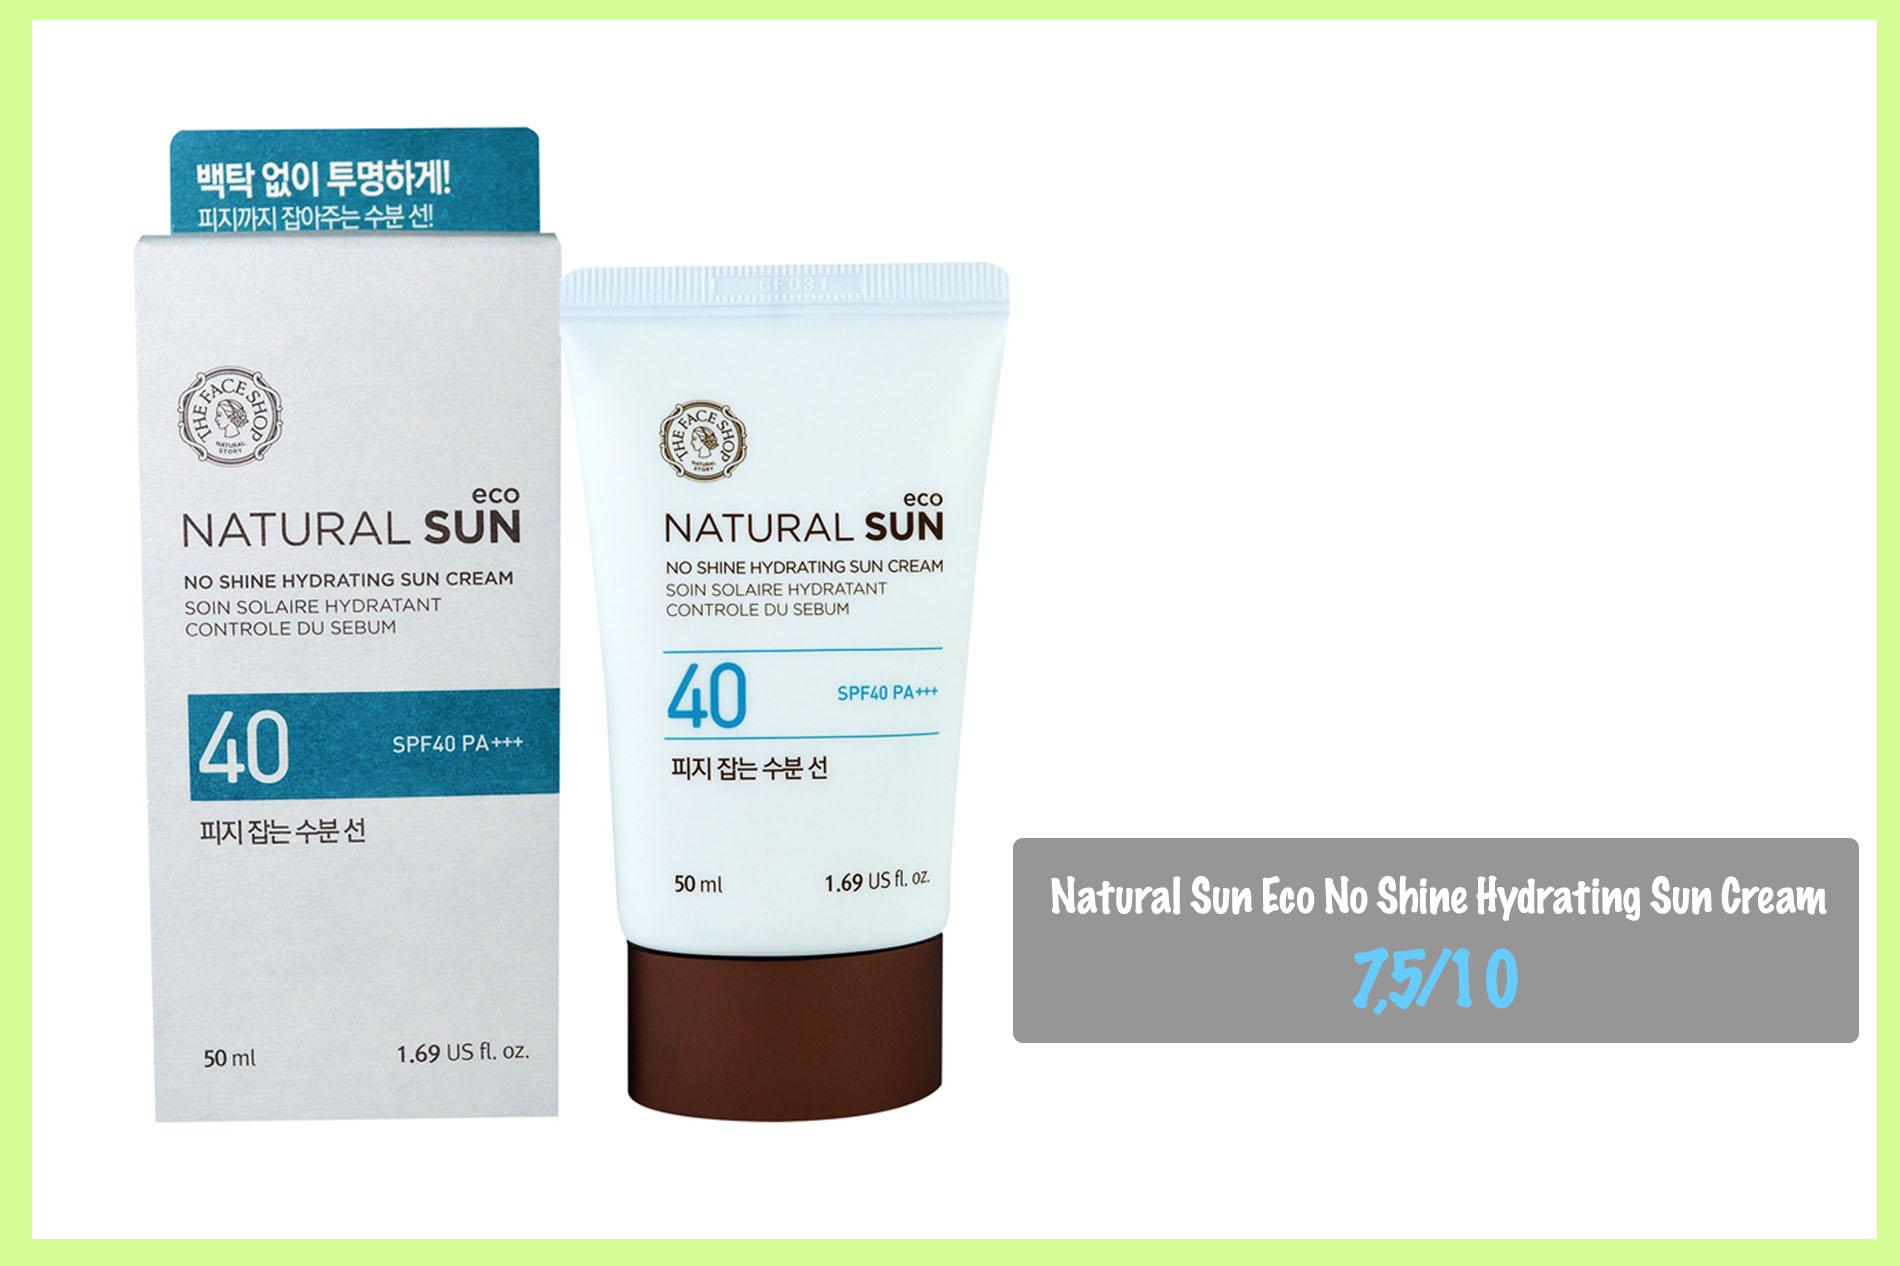 Kem chống nắng cho da khô nhạy cảm Natural Sun Eco No Shine Hydrating Sun Cream